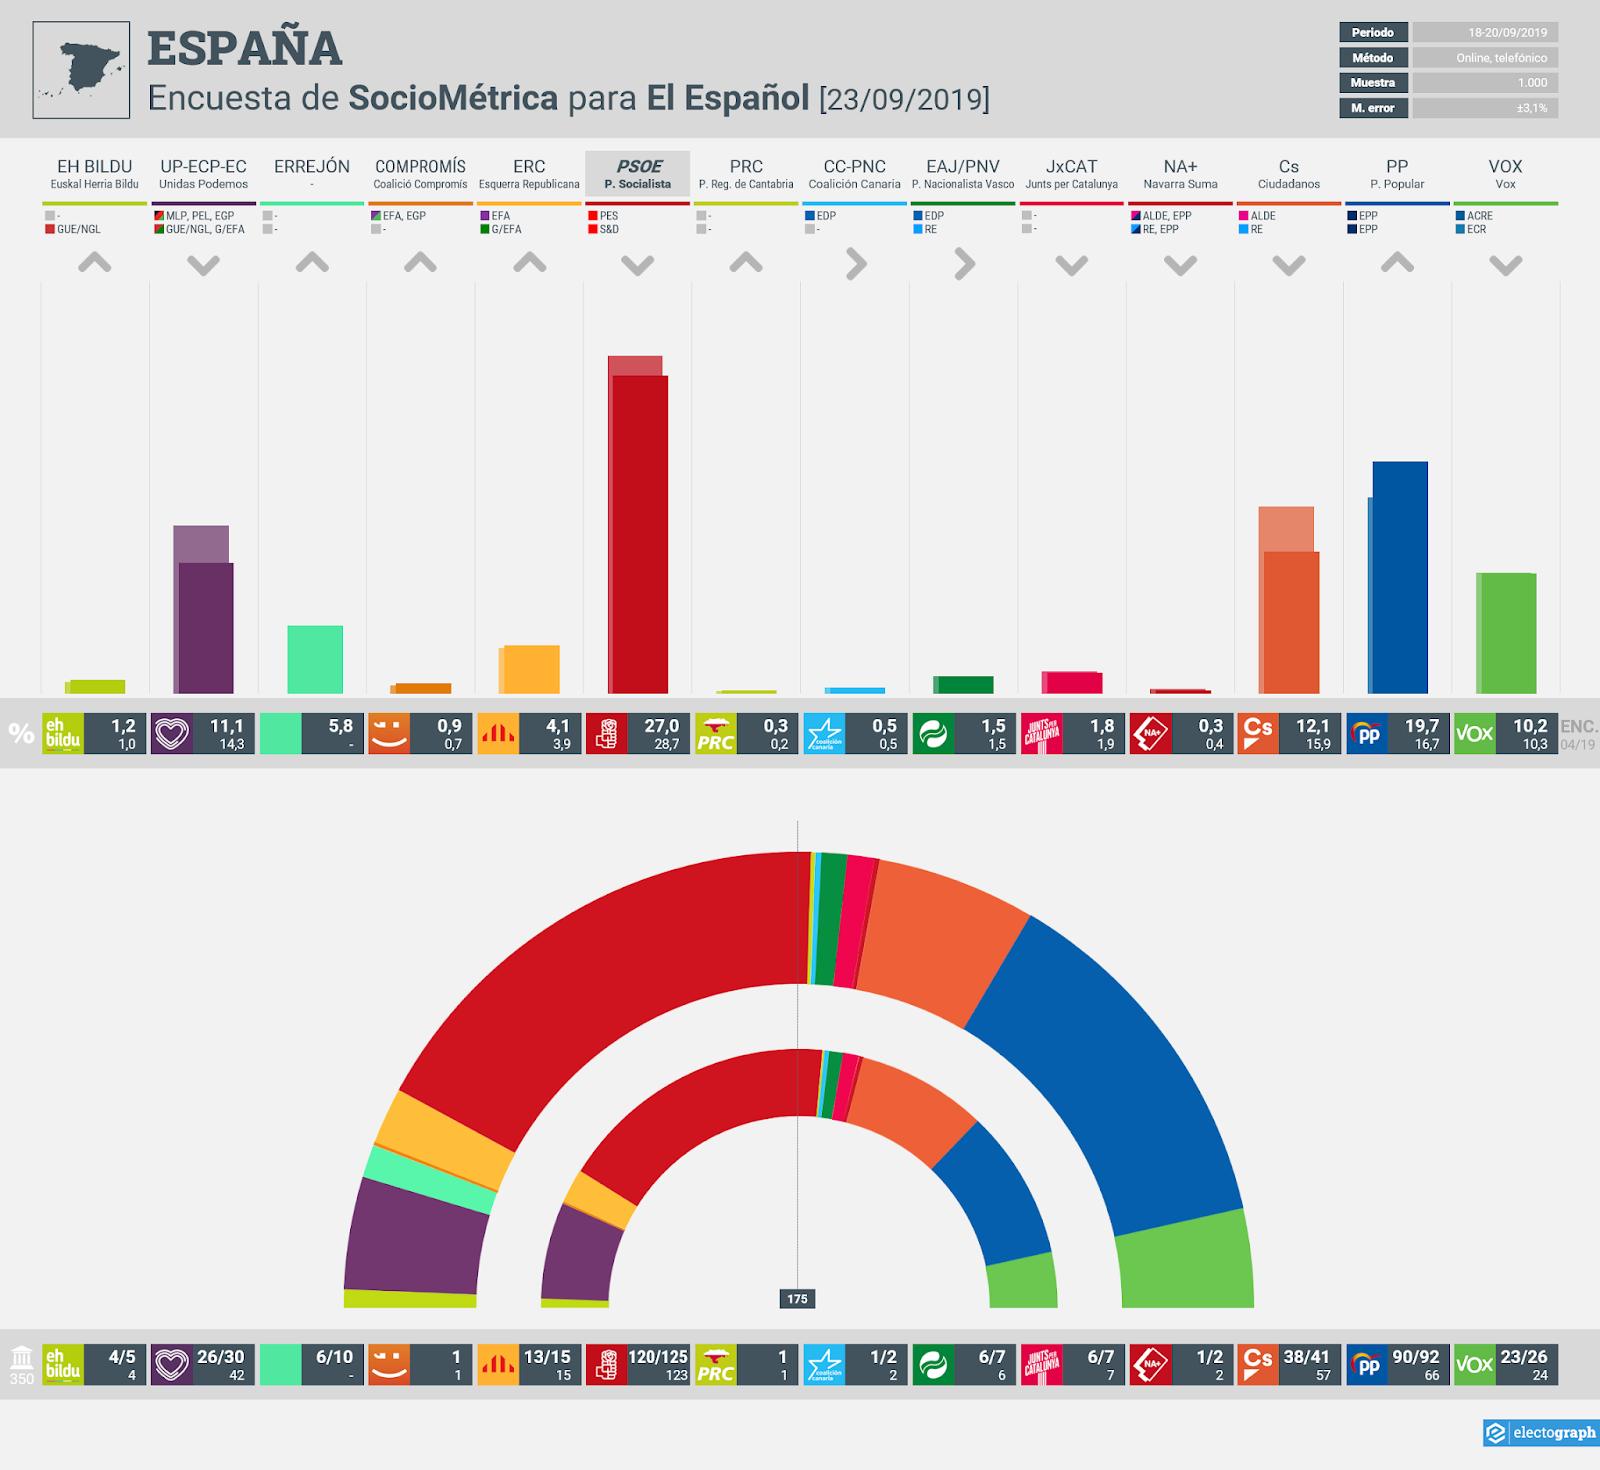 Gráfico de la encuesta para elecciones generales en España realizada por Sociométrica para El Español, 22 de septiembre de 2019